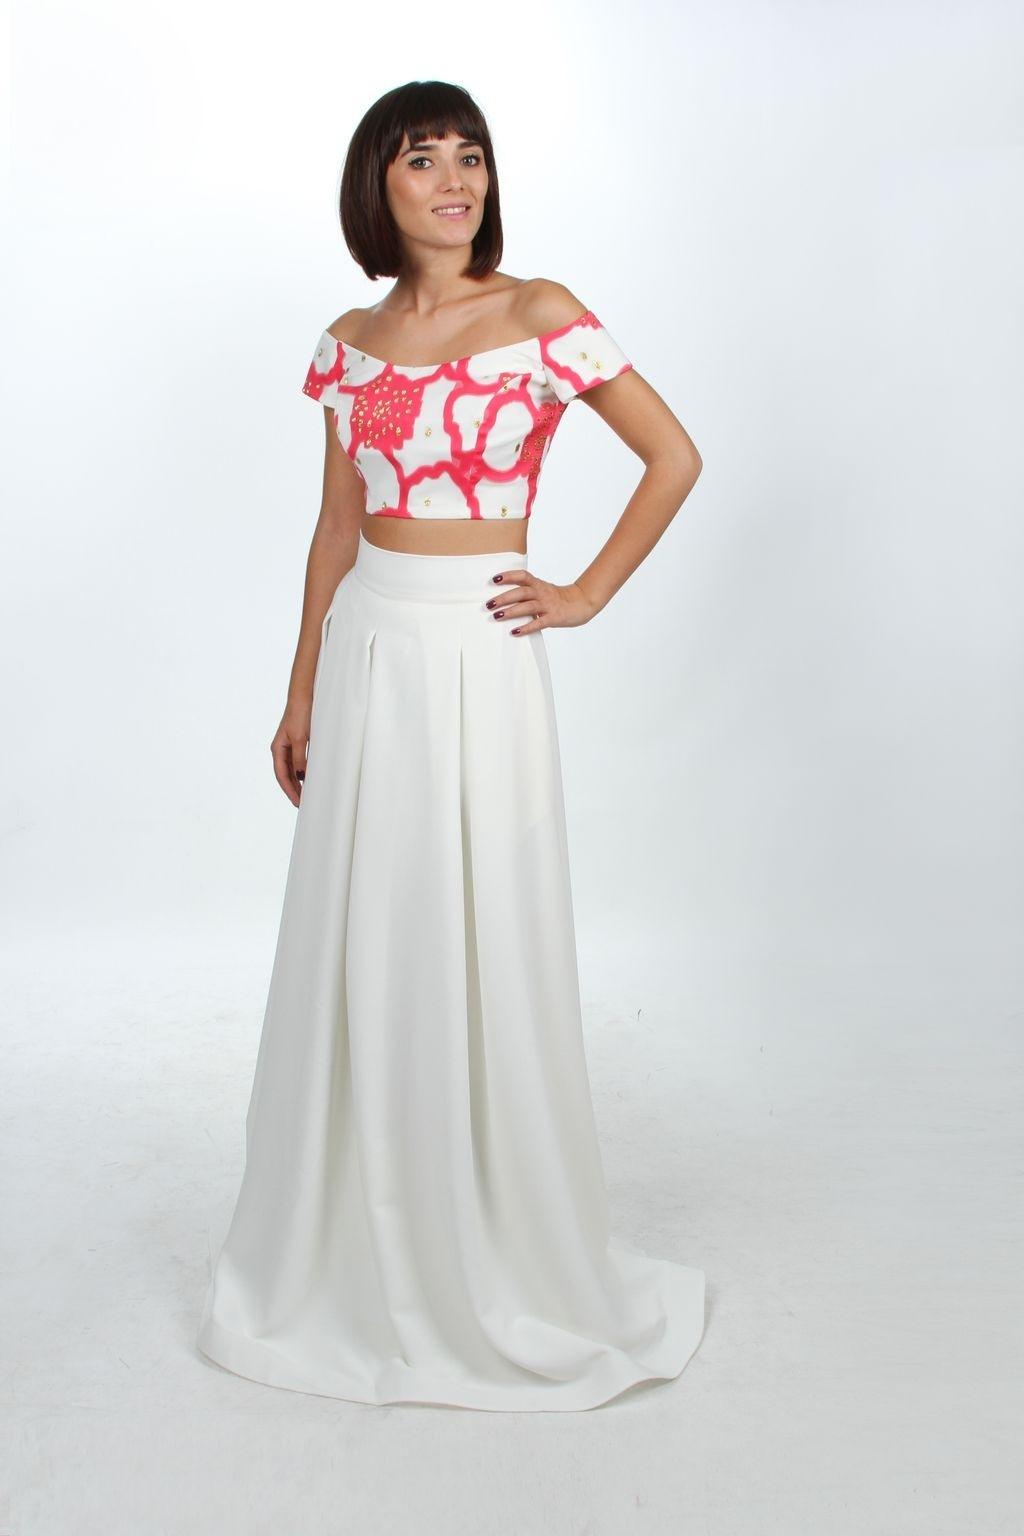 Abend Luxus Bauchfreie Abendkleider Stylish10 Fantastisch Bauchfreie Abendkleider Stylish